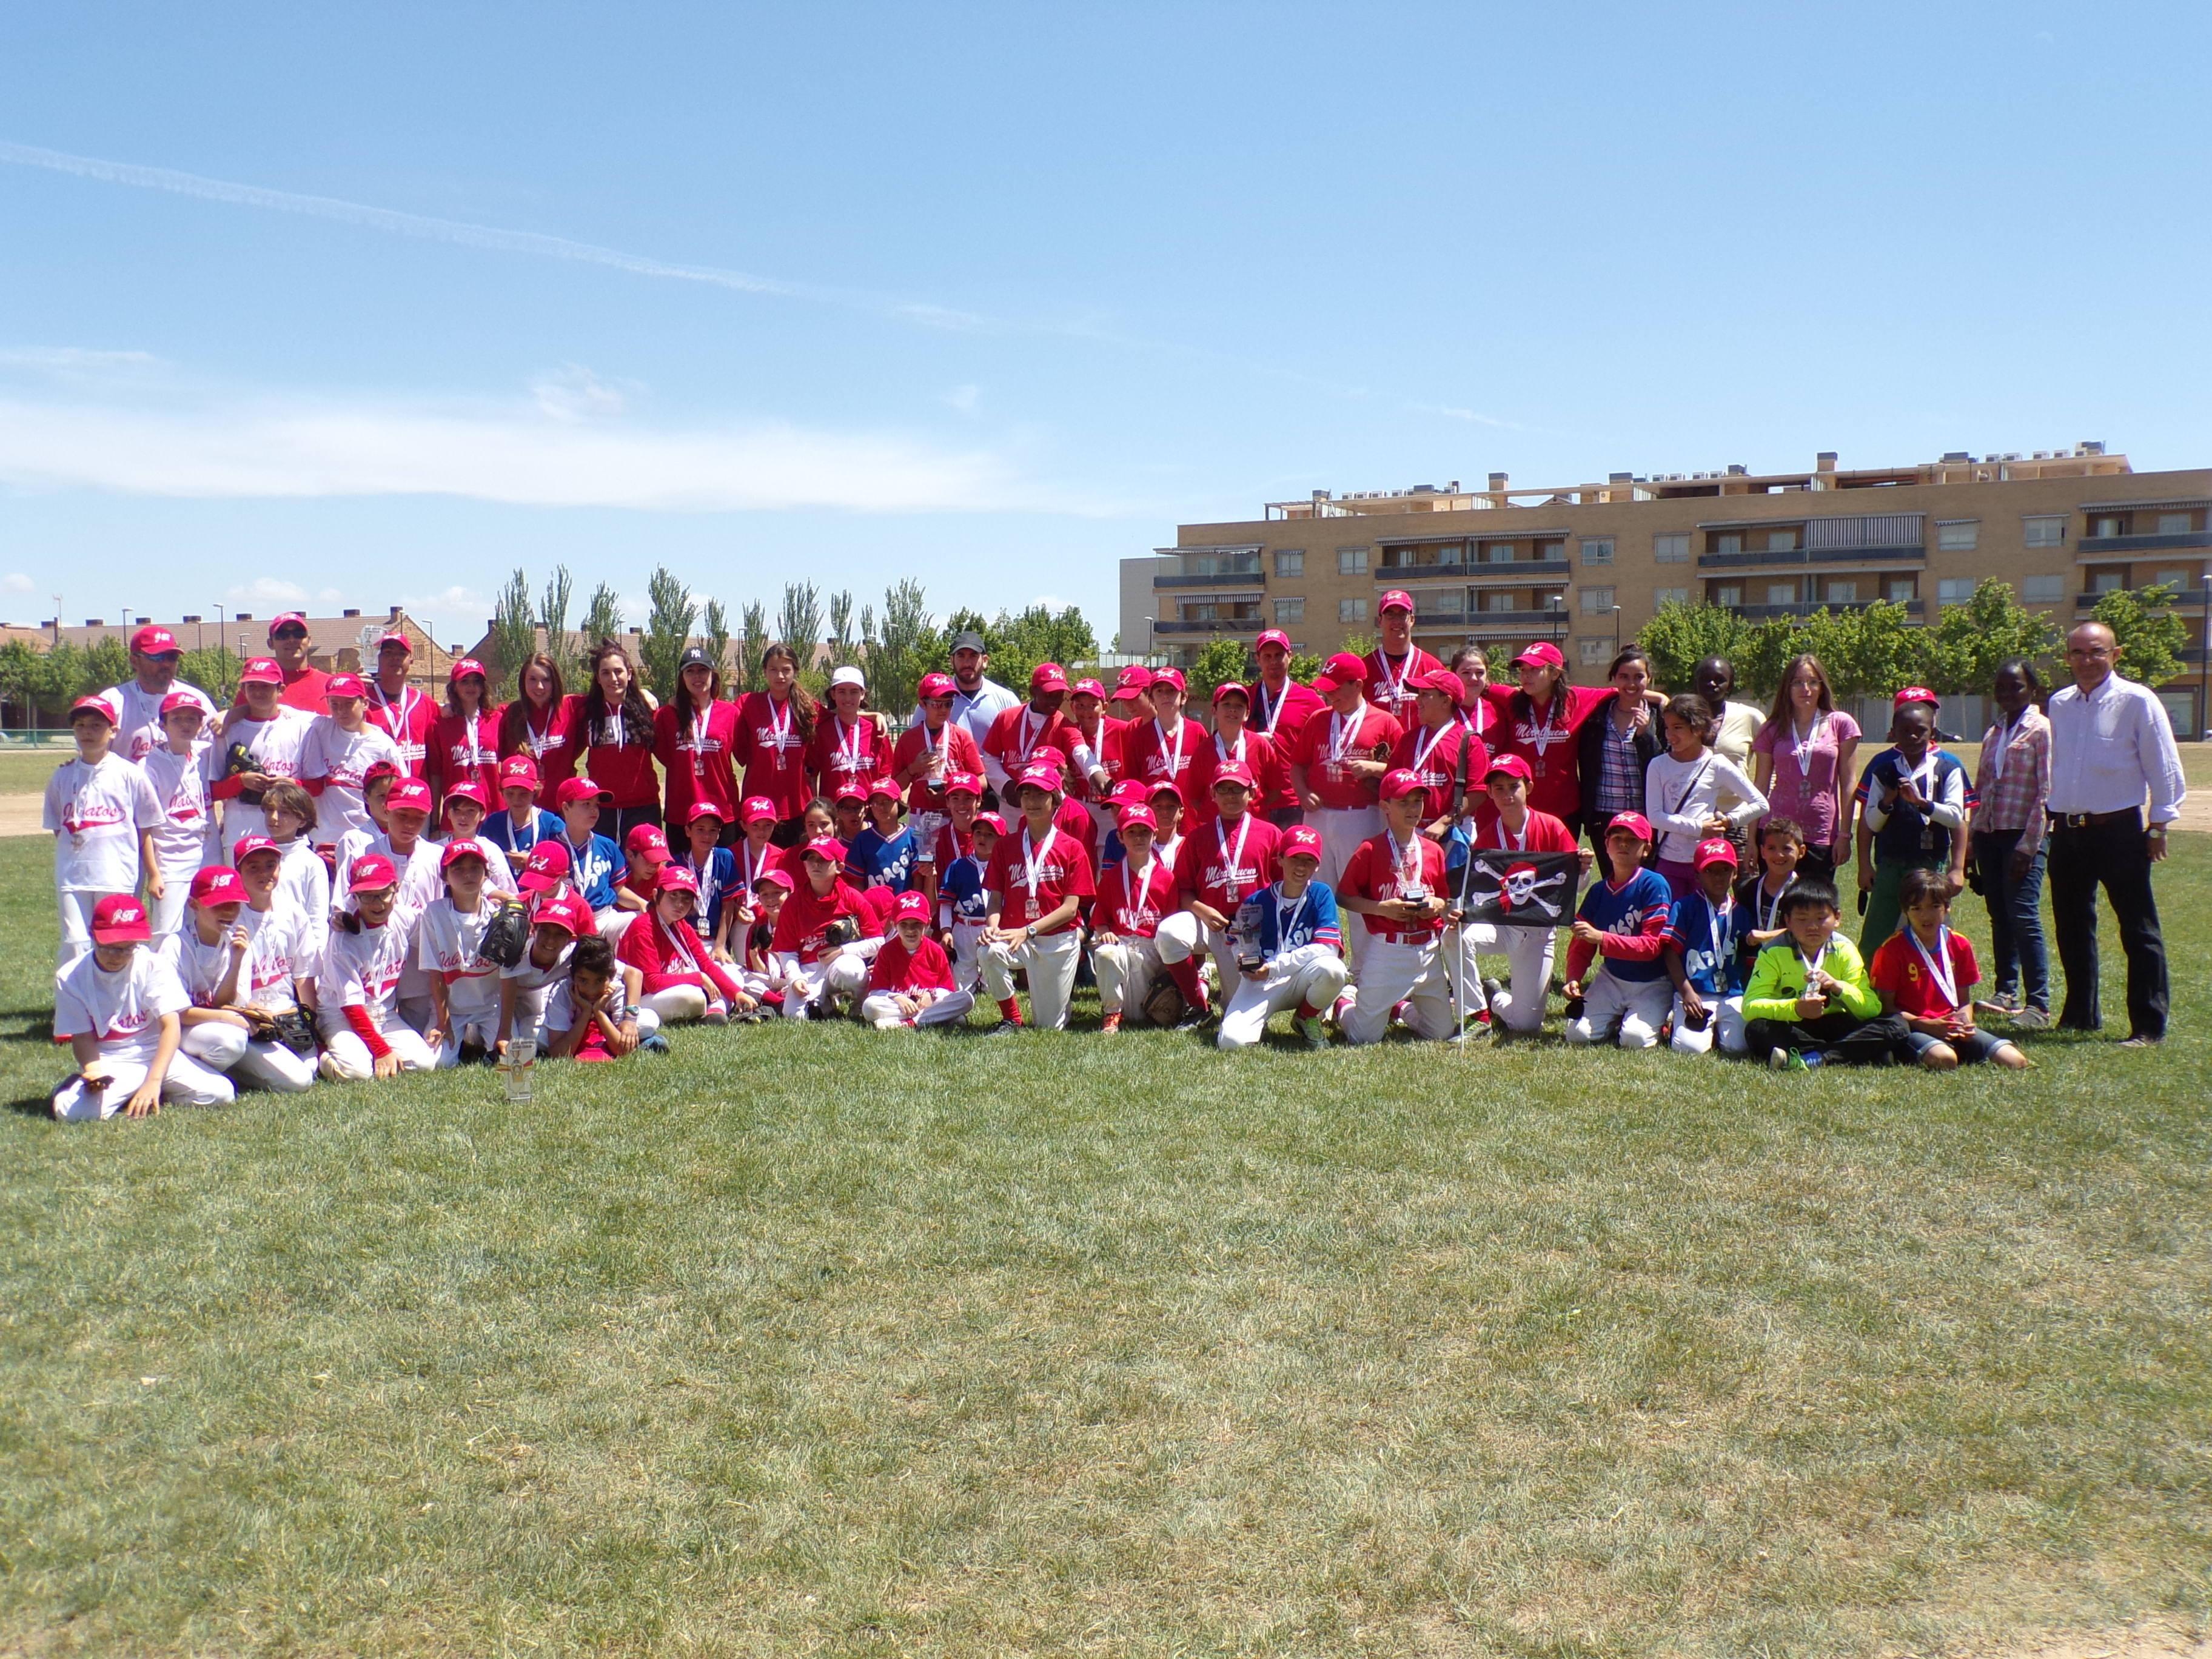 http://www.beisbolmiralbueno.es/wp-content/uploads/2015/05/Grupo.jpg